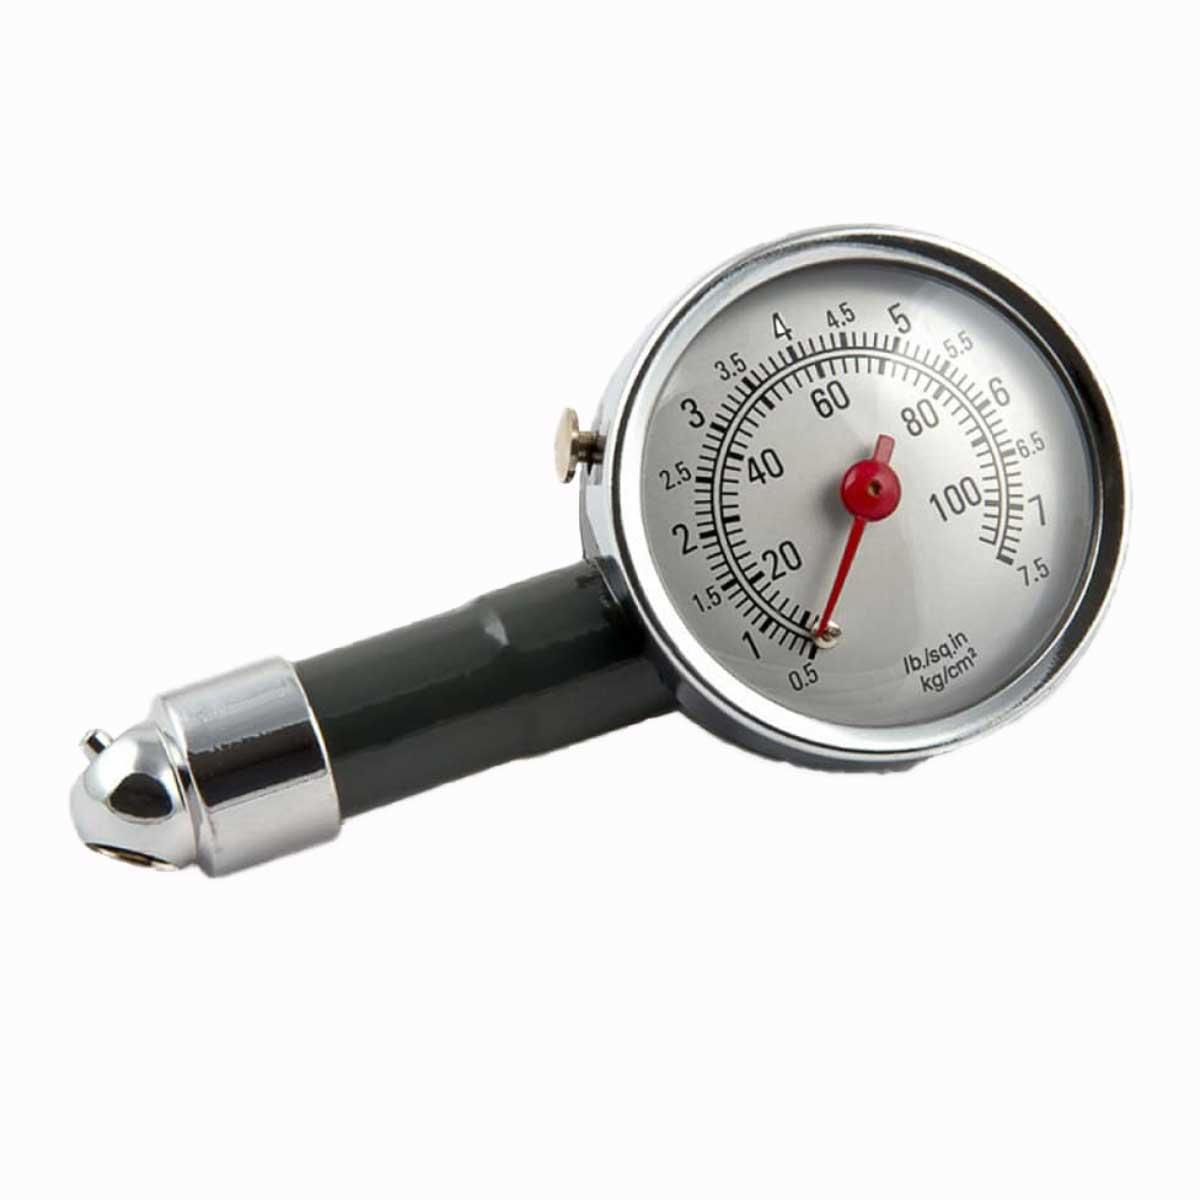 Μετρητής Πίεσης Ελαστικών Με Μανόμετρο